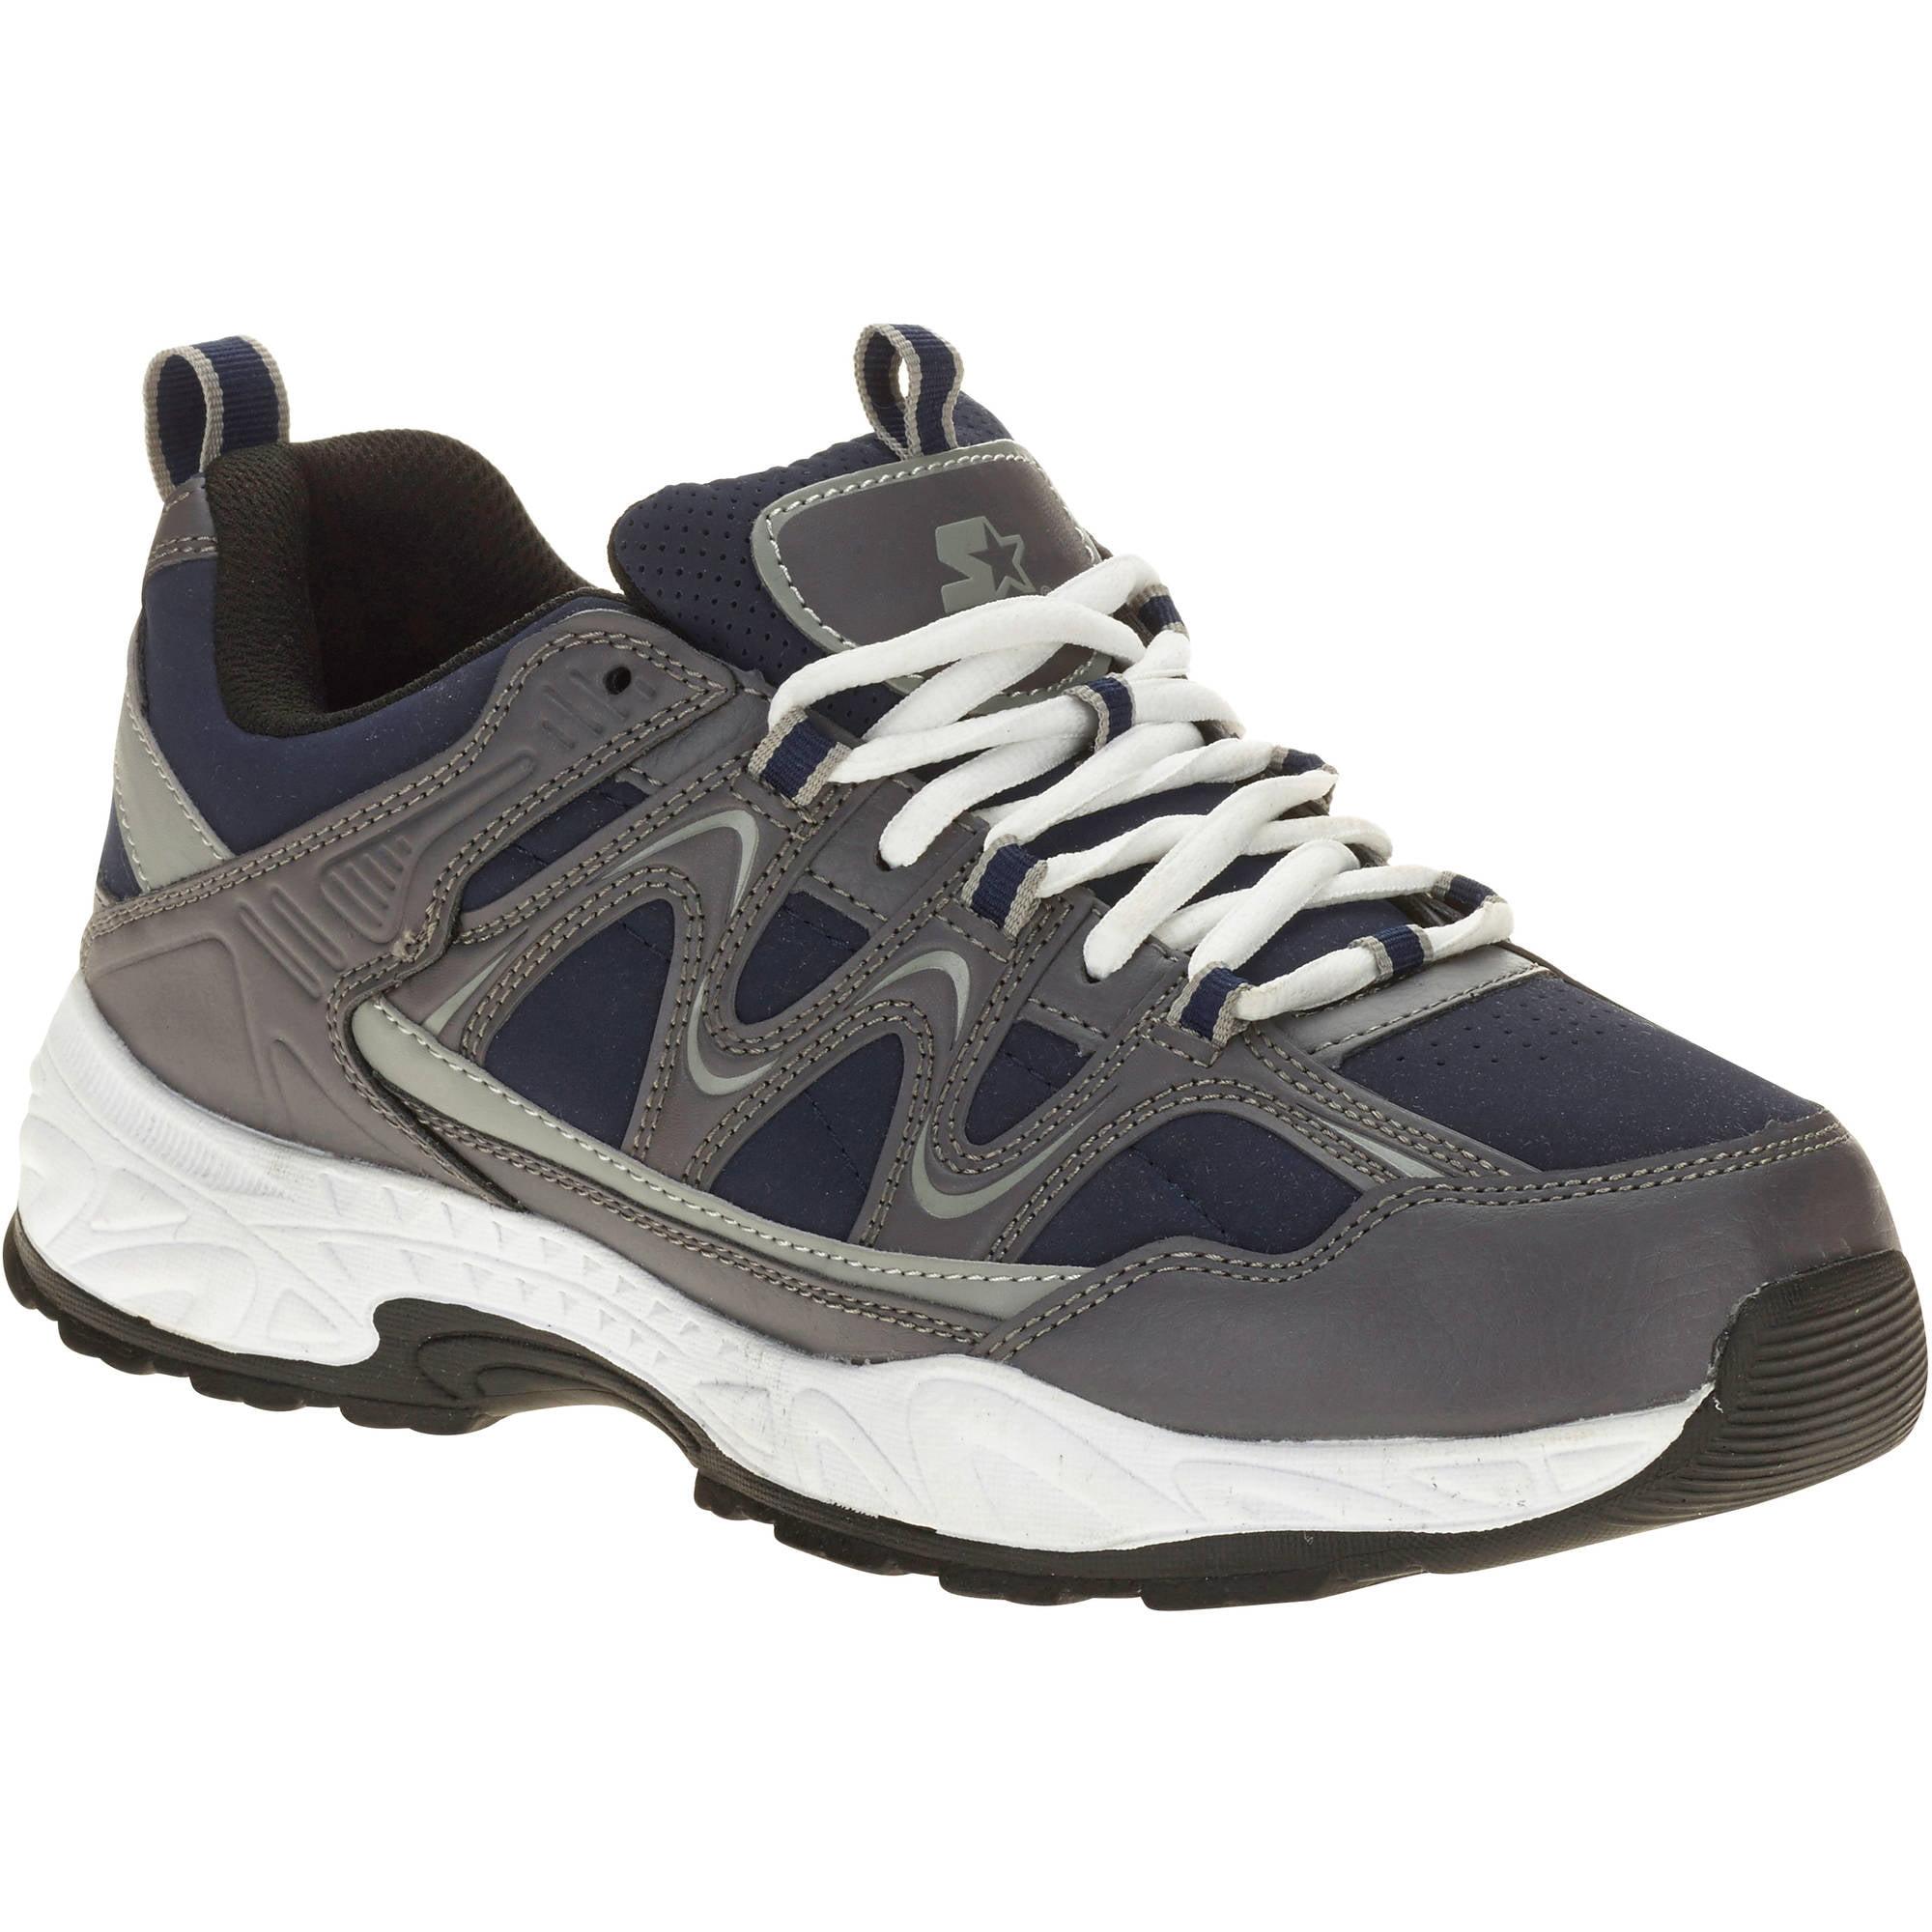 Starter Men's Memory Foam Wide Width Athletic Shoe